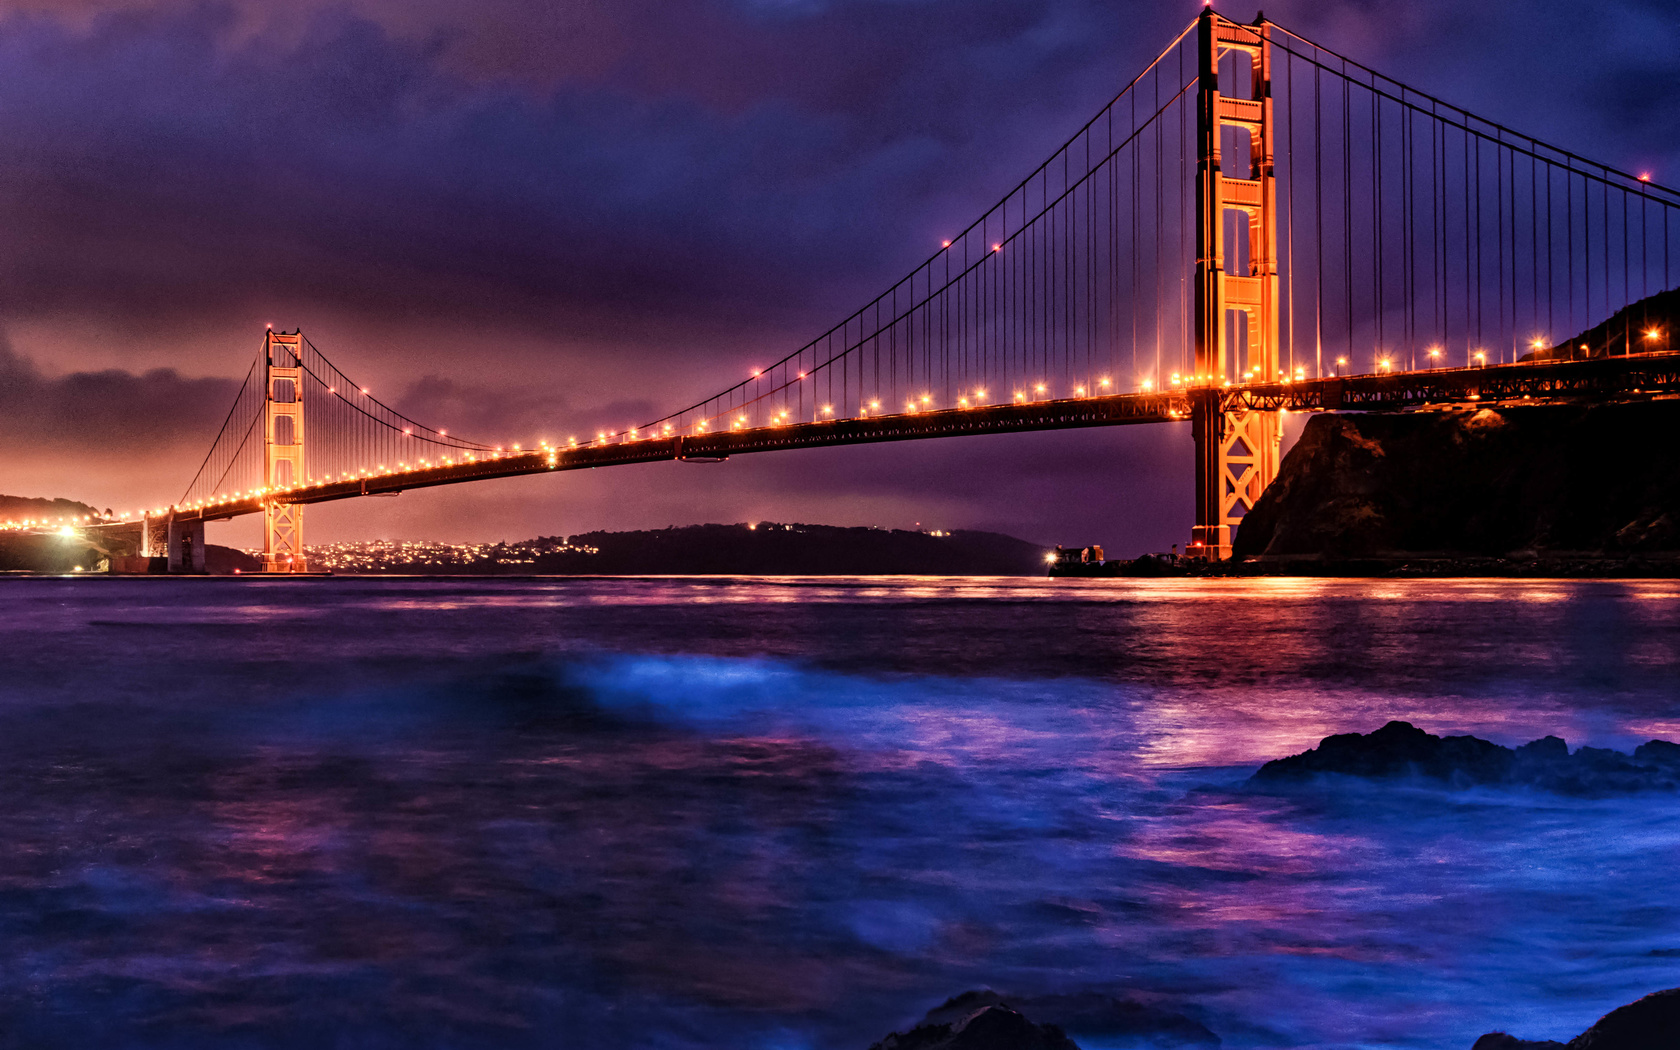 пейзаж, горы, ночь, мост, пролив, освещение, калифорния, сан-франциско, золотые ворота, сша, golden gate bridge, san francisco